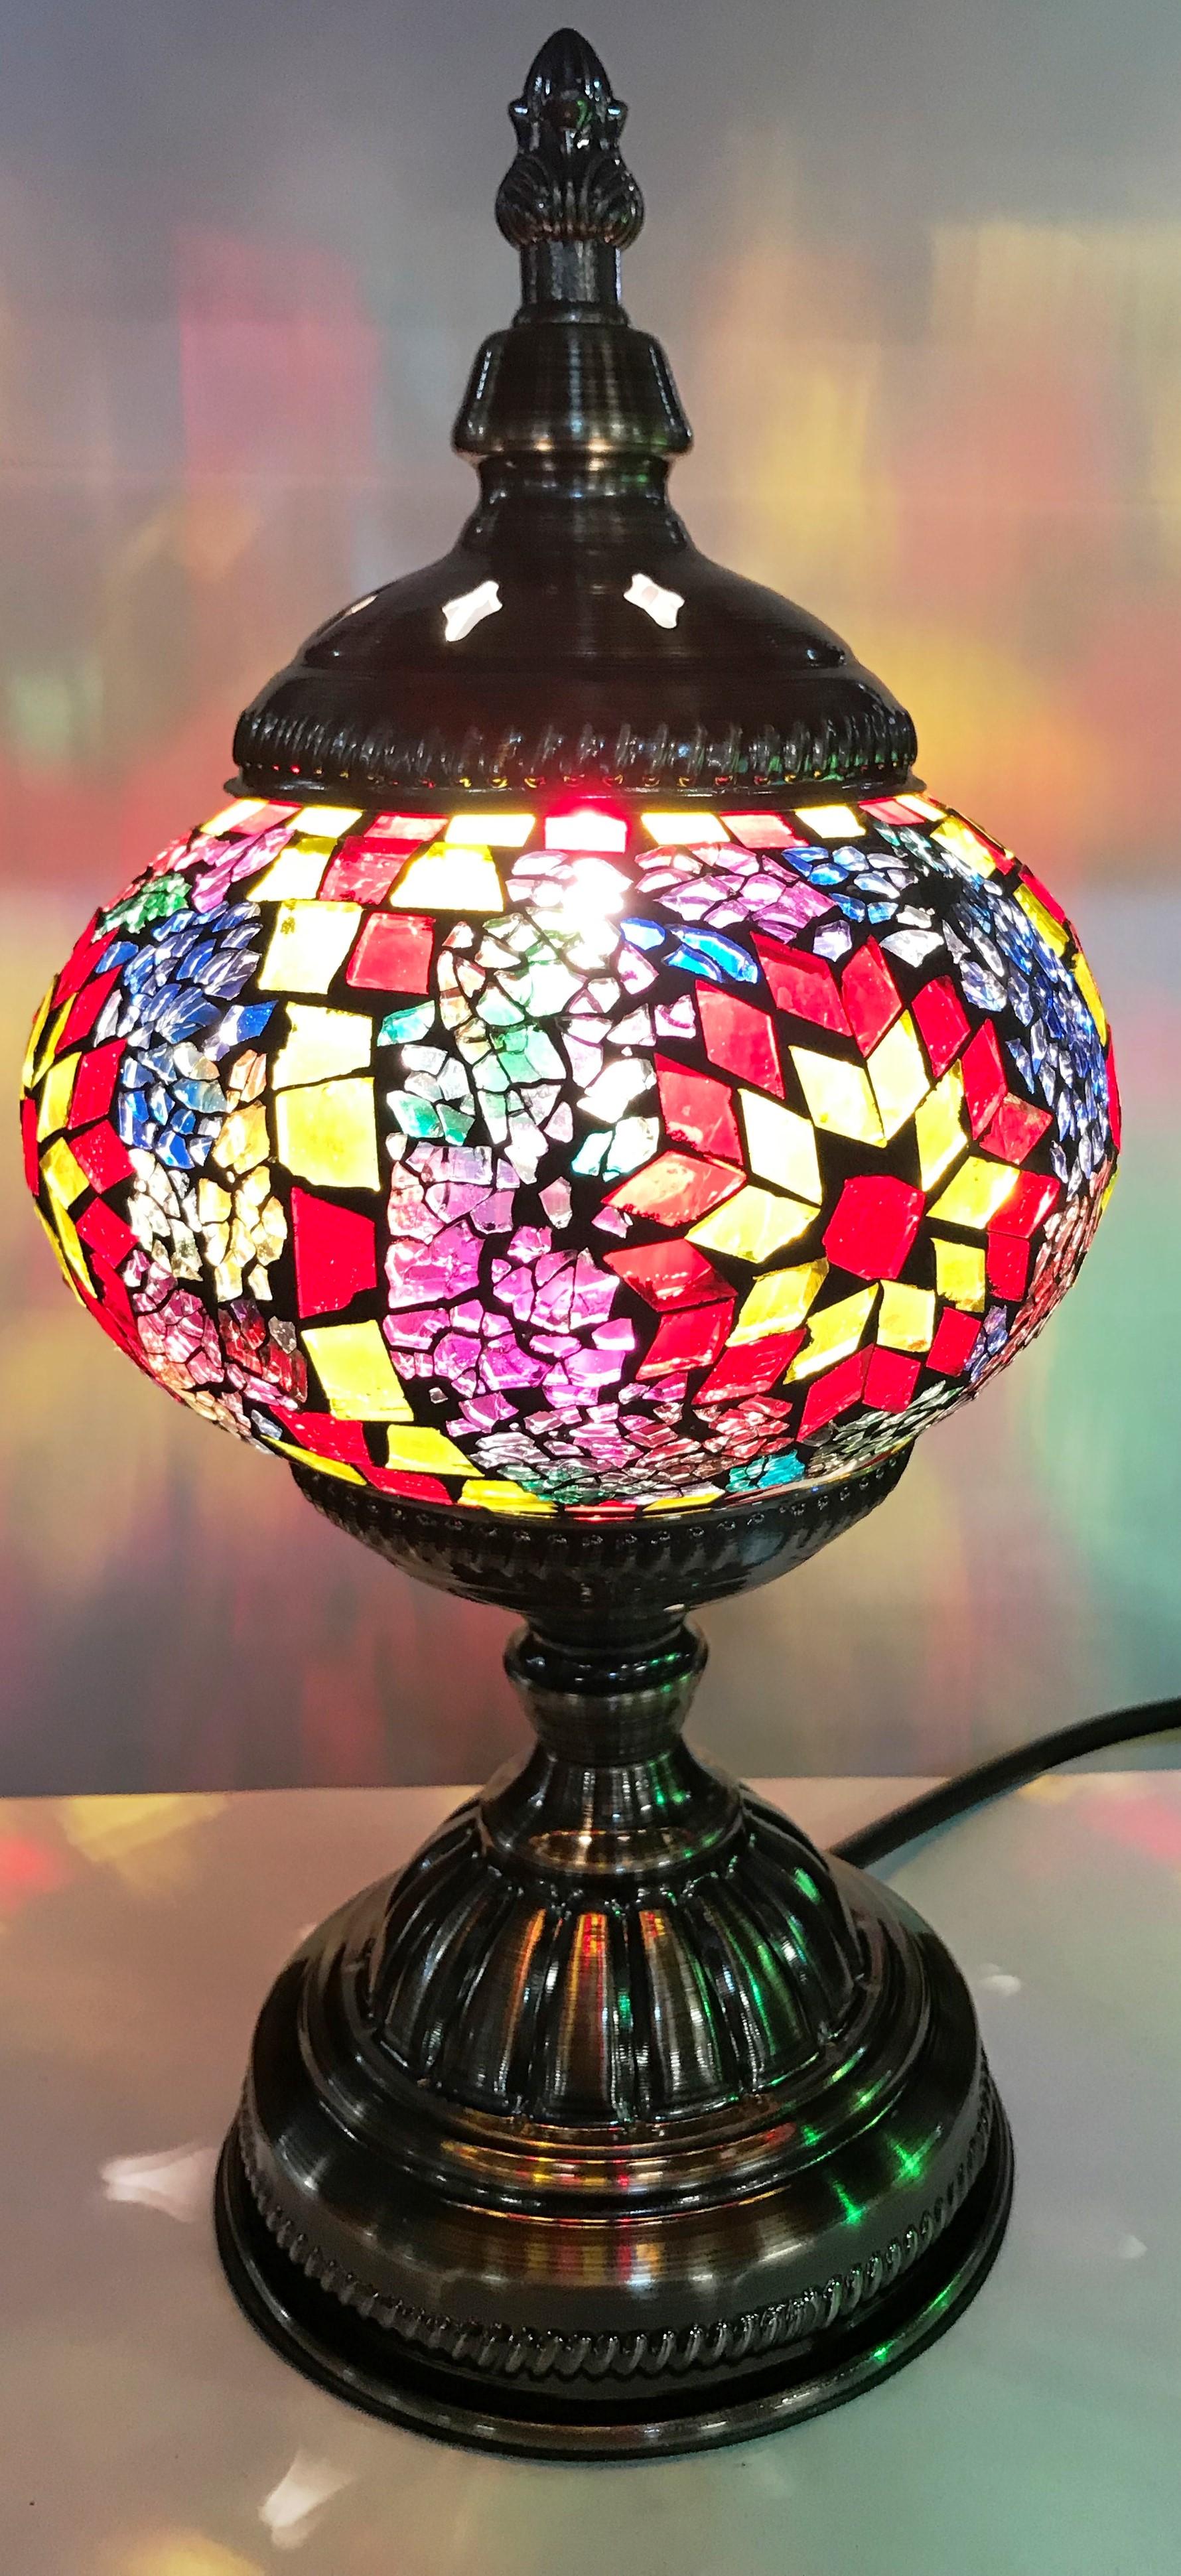 Moroc lamp - Multi